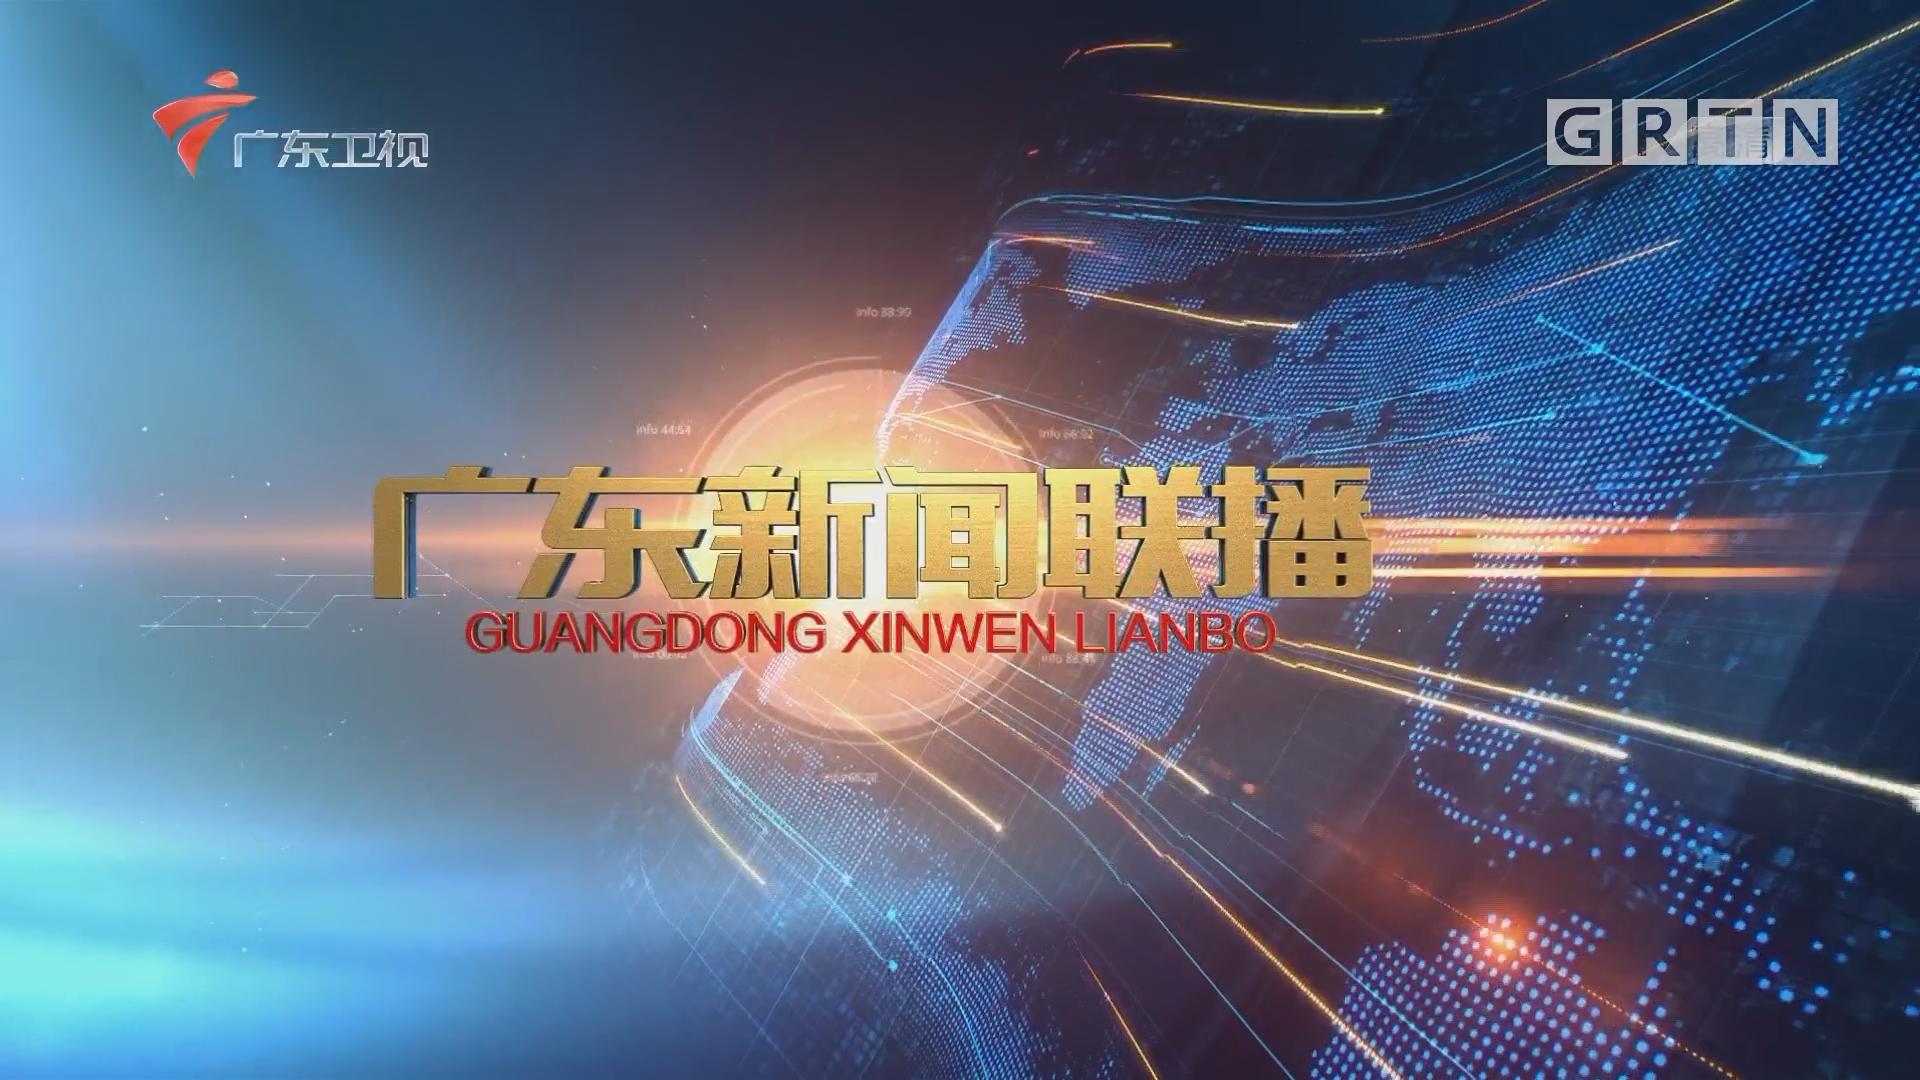 [HD][2019-01-13]广东新闻联播:粤港澳大湾区:建设国际一流湾区和世界级城市群